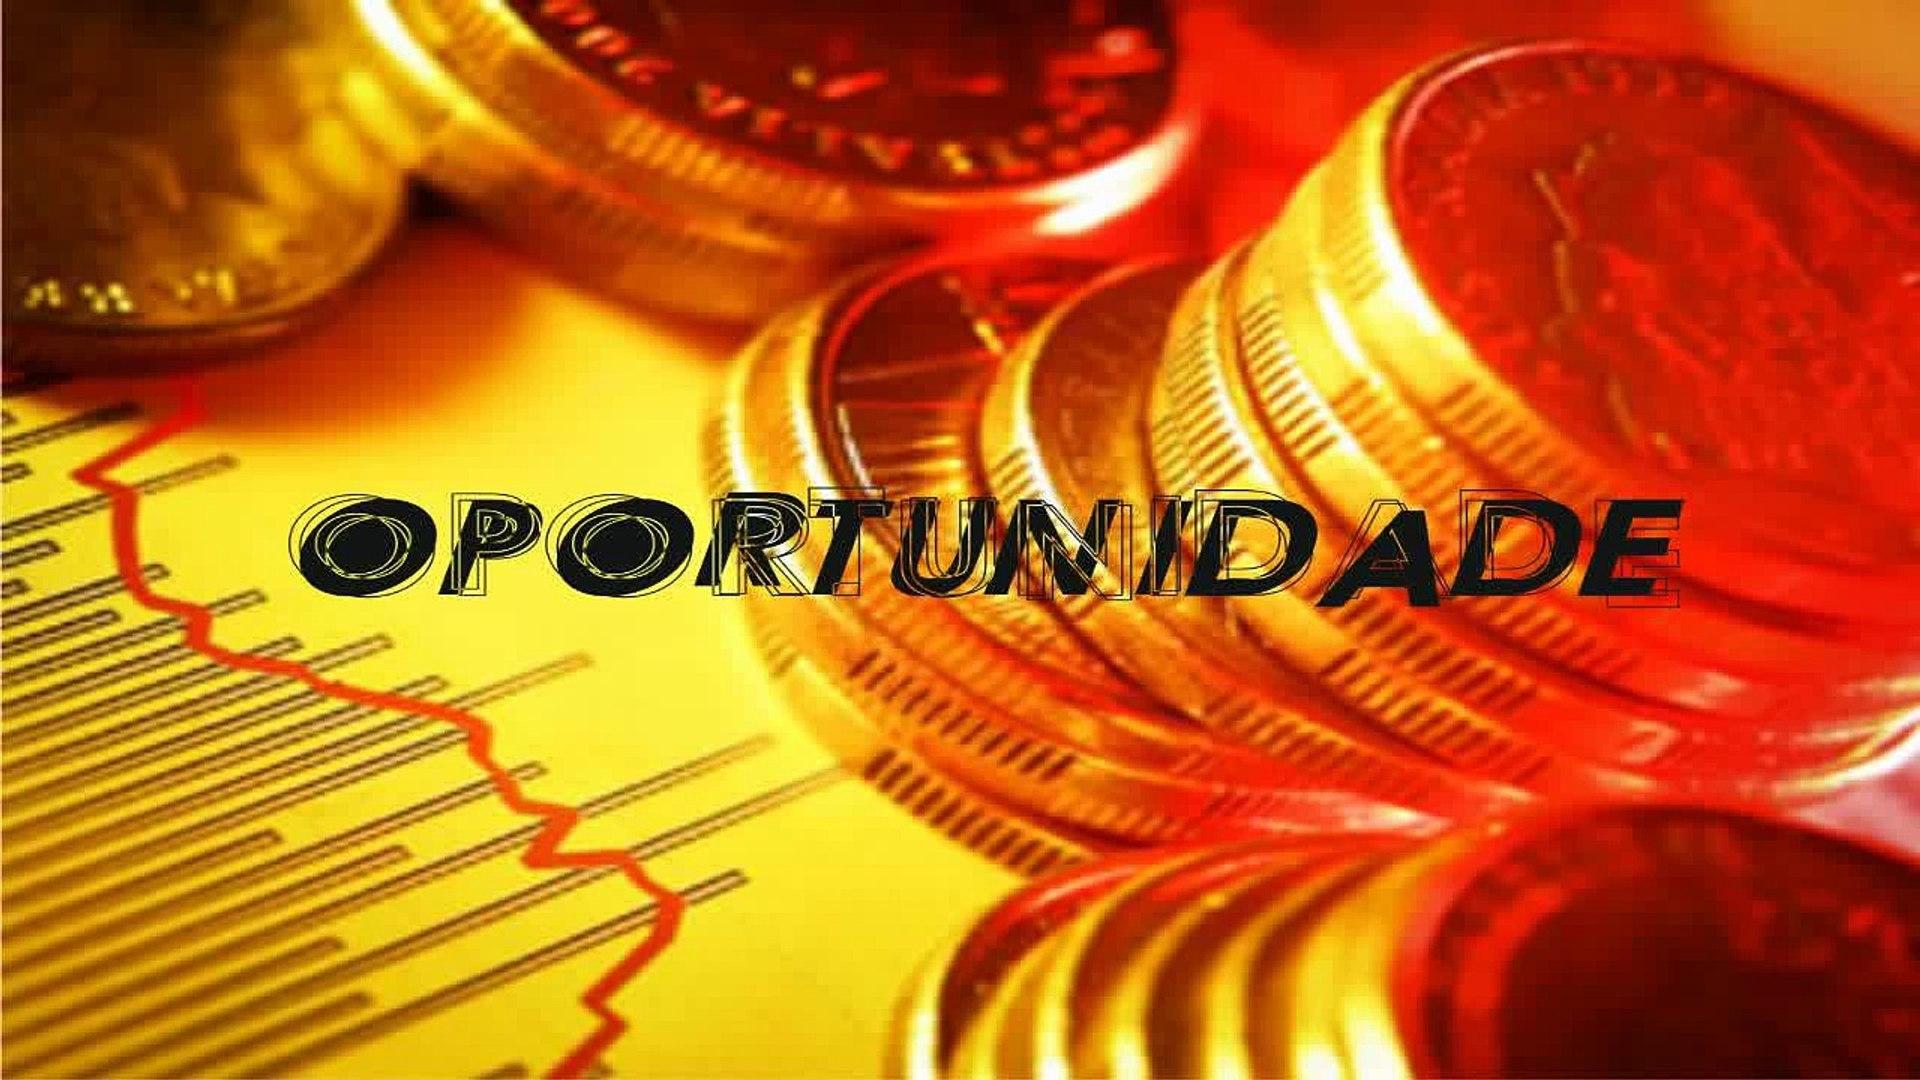 forex/mercado forex/forex investimentoso que é forex/maior mercado do mundo/forex trading